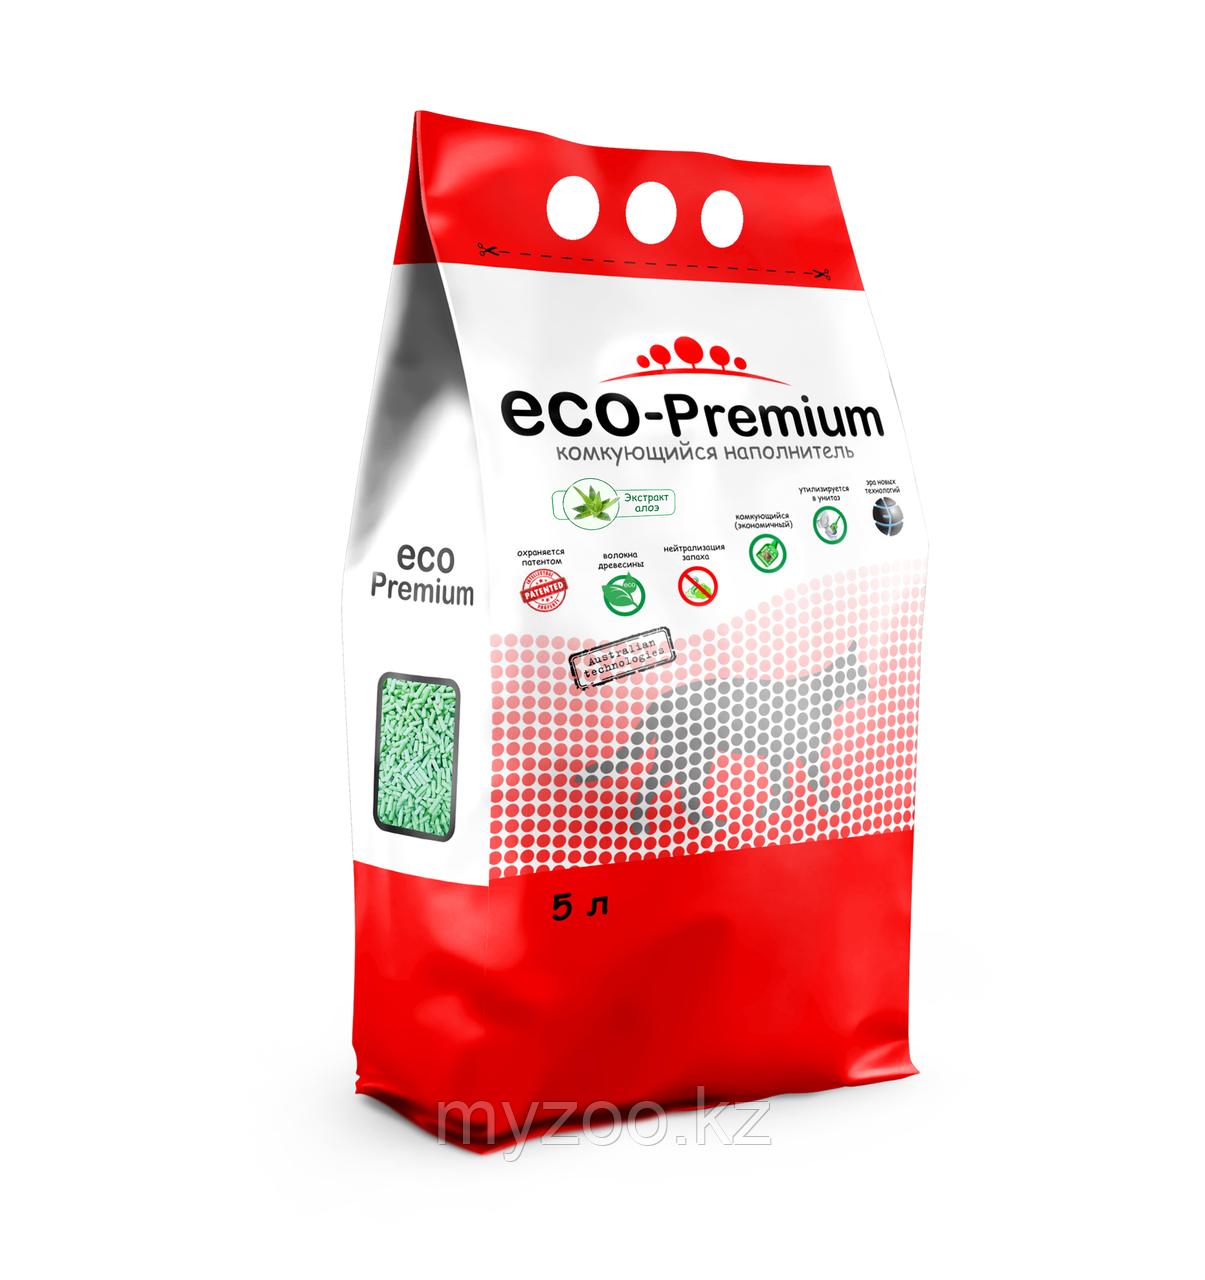 ECO-Premium Алоэ, 5 л  Эко-премиум комкующийся древесный наполнитель 